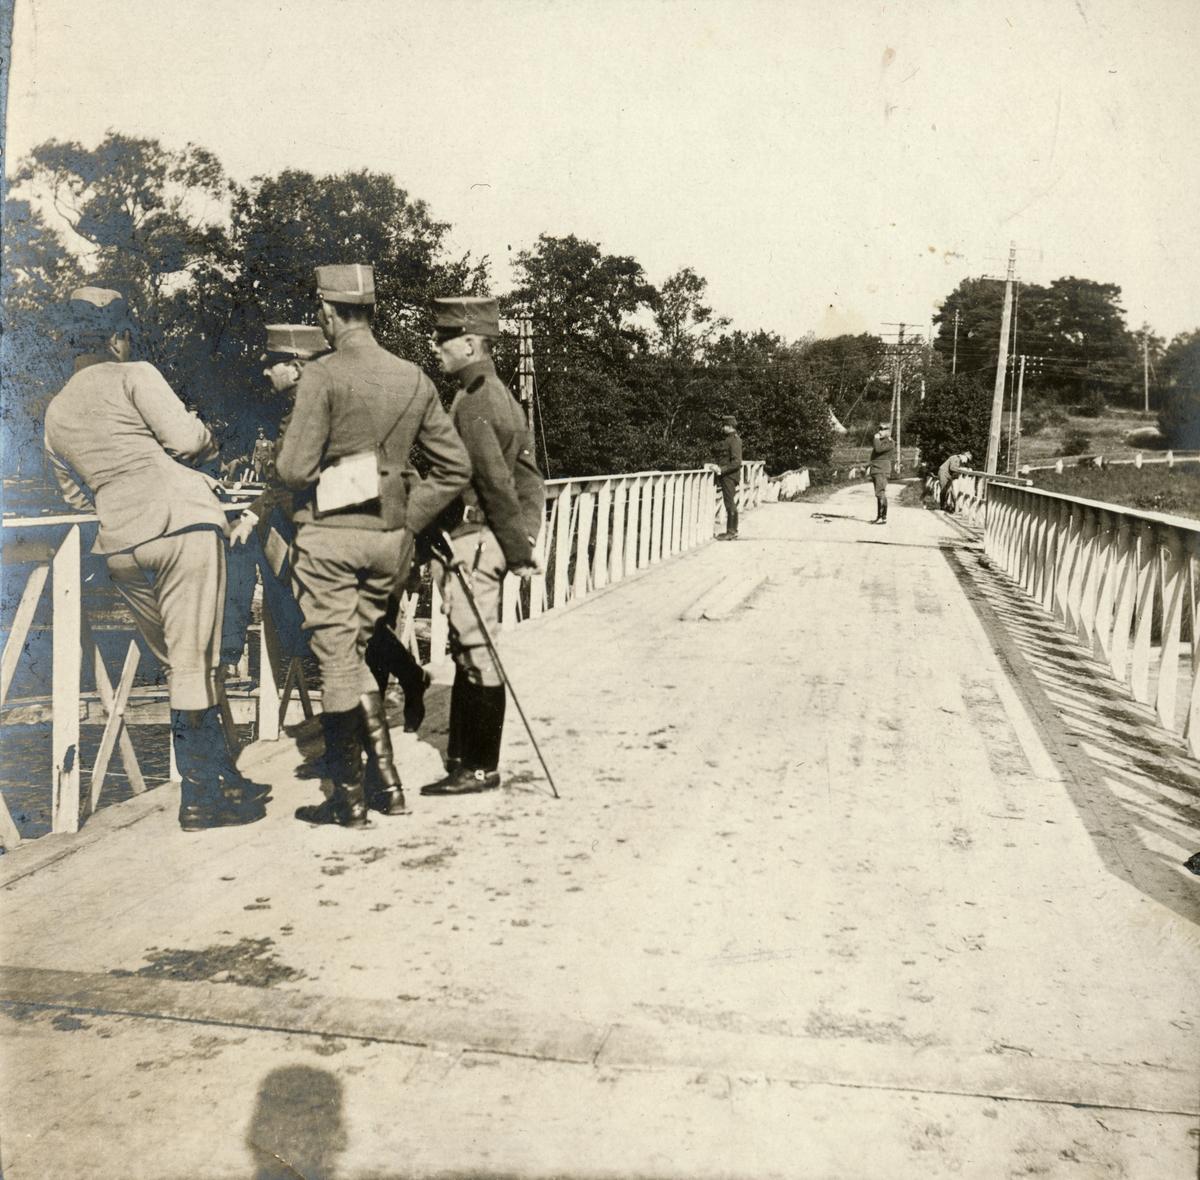 Soldater på bro, Fortifikationen.